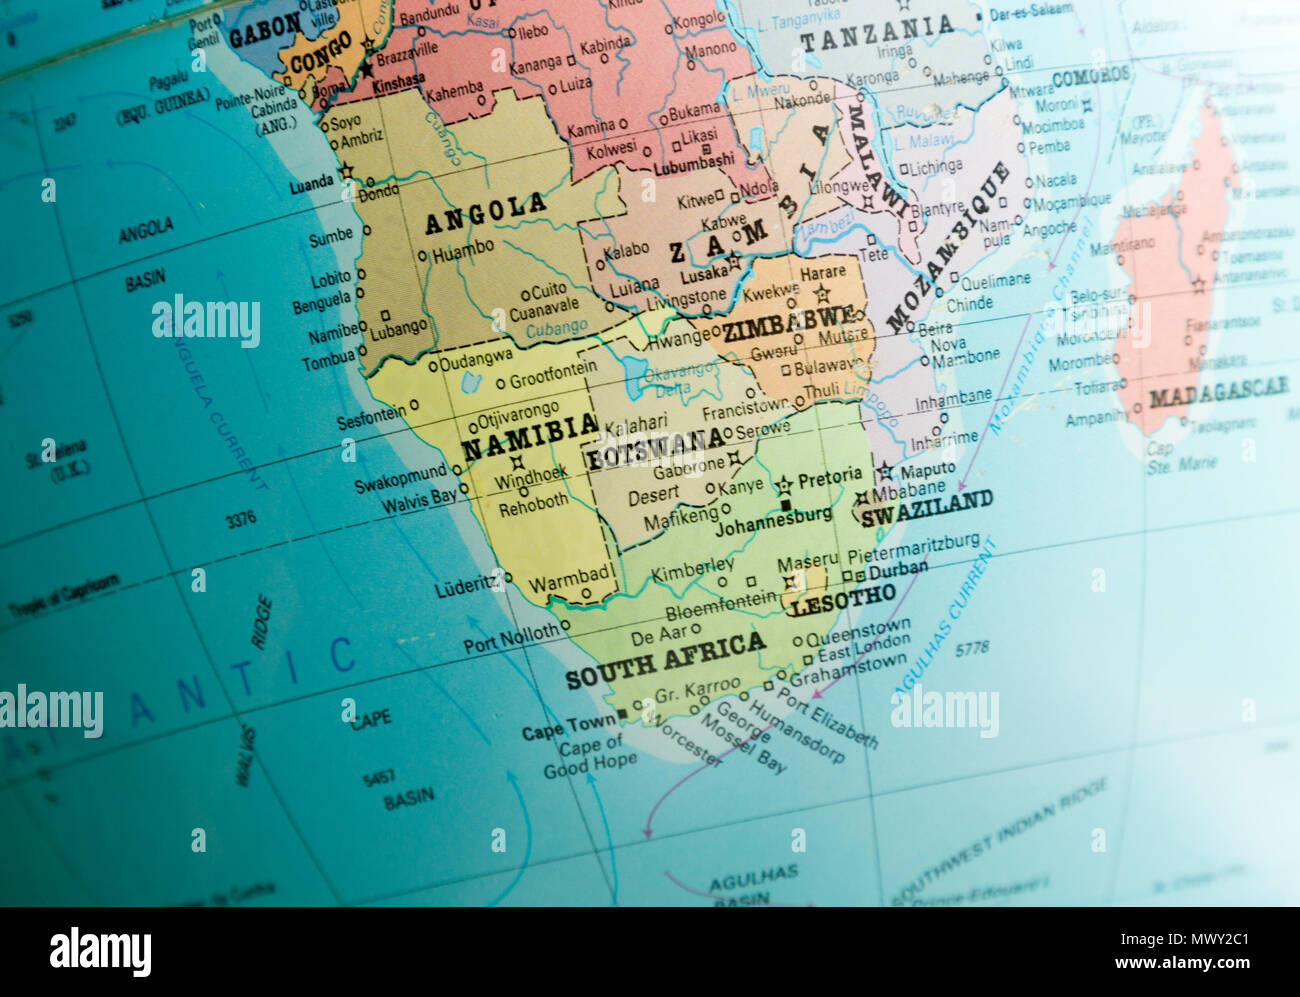 Sudliches Afrika Karte Auf Einem Globus Konzentrierte Sich Botswana Namibia Simbabwe Und Sudafrika Landkarte